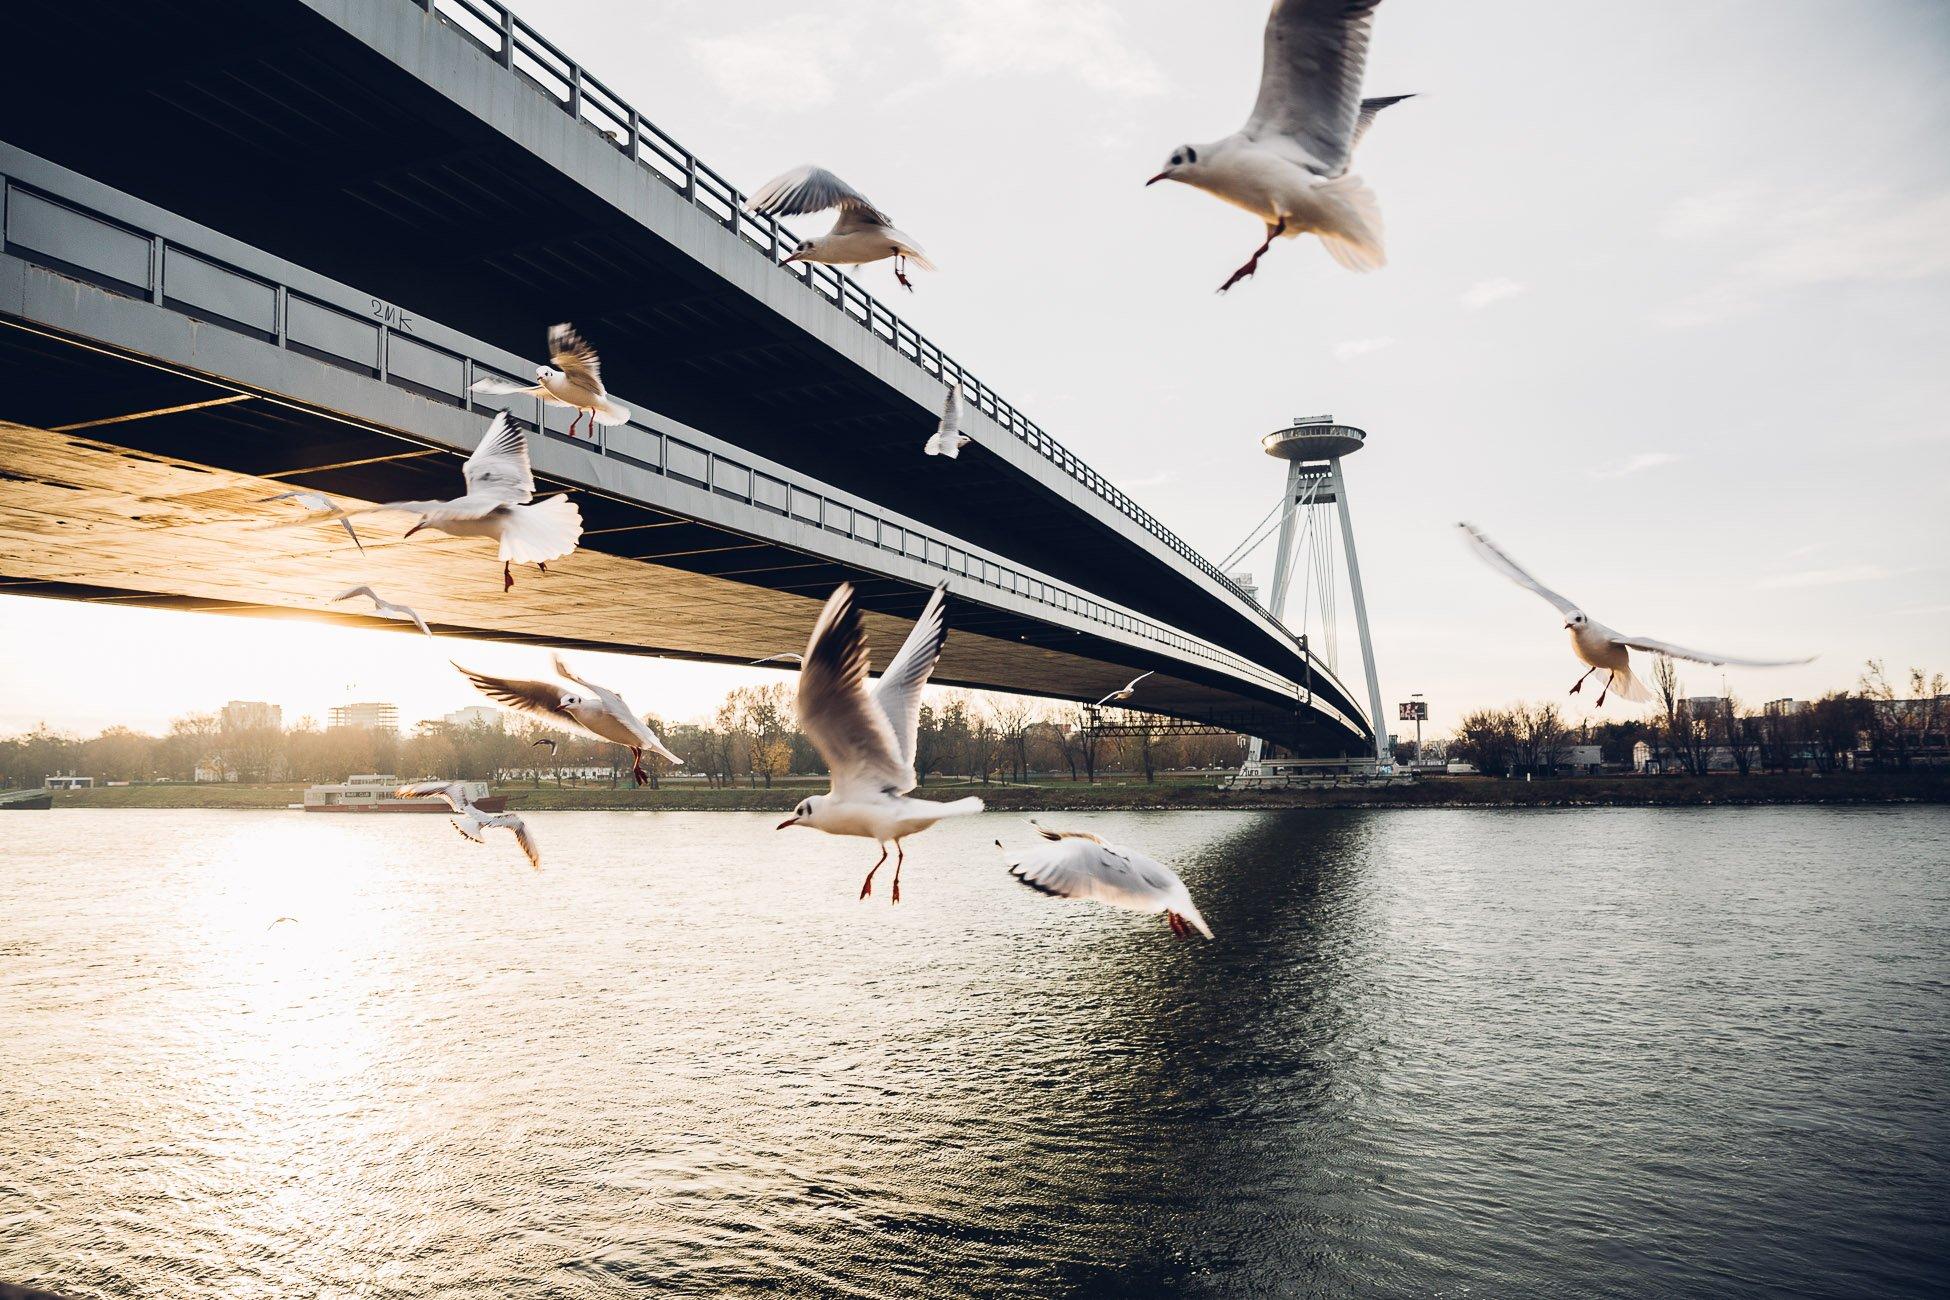 UFO and New Bridge in Bratislava